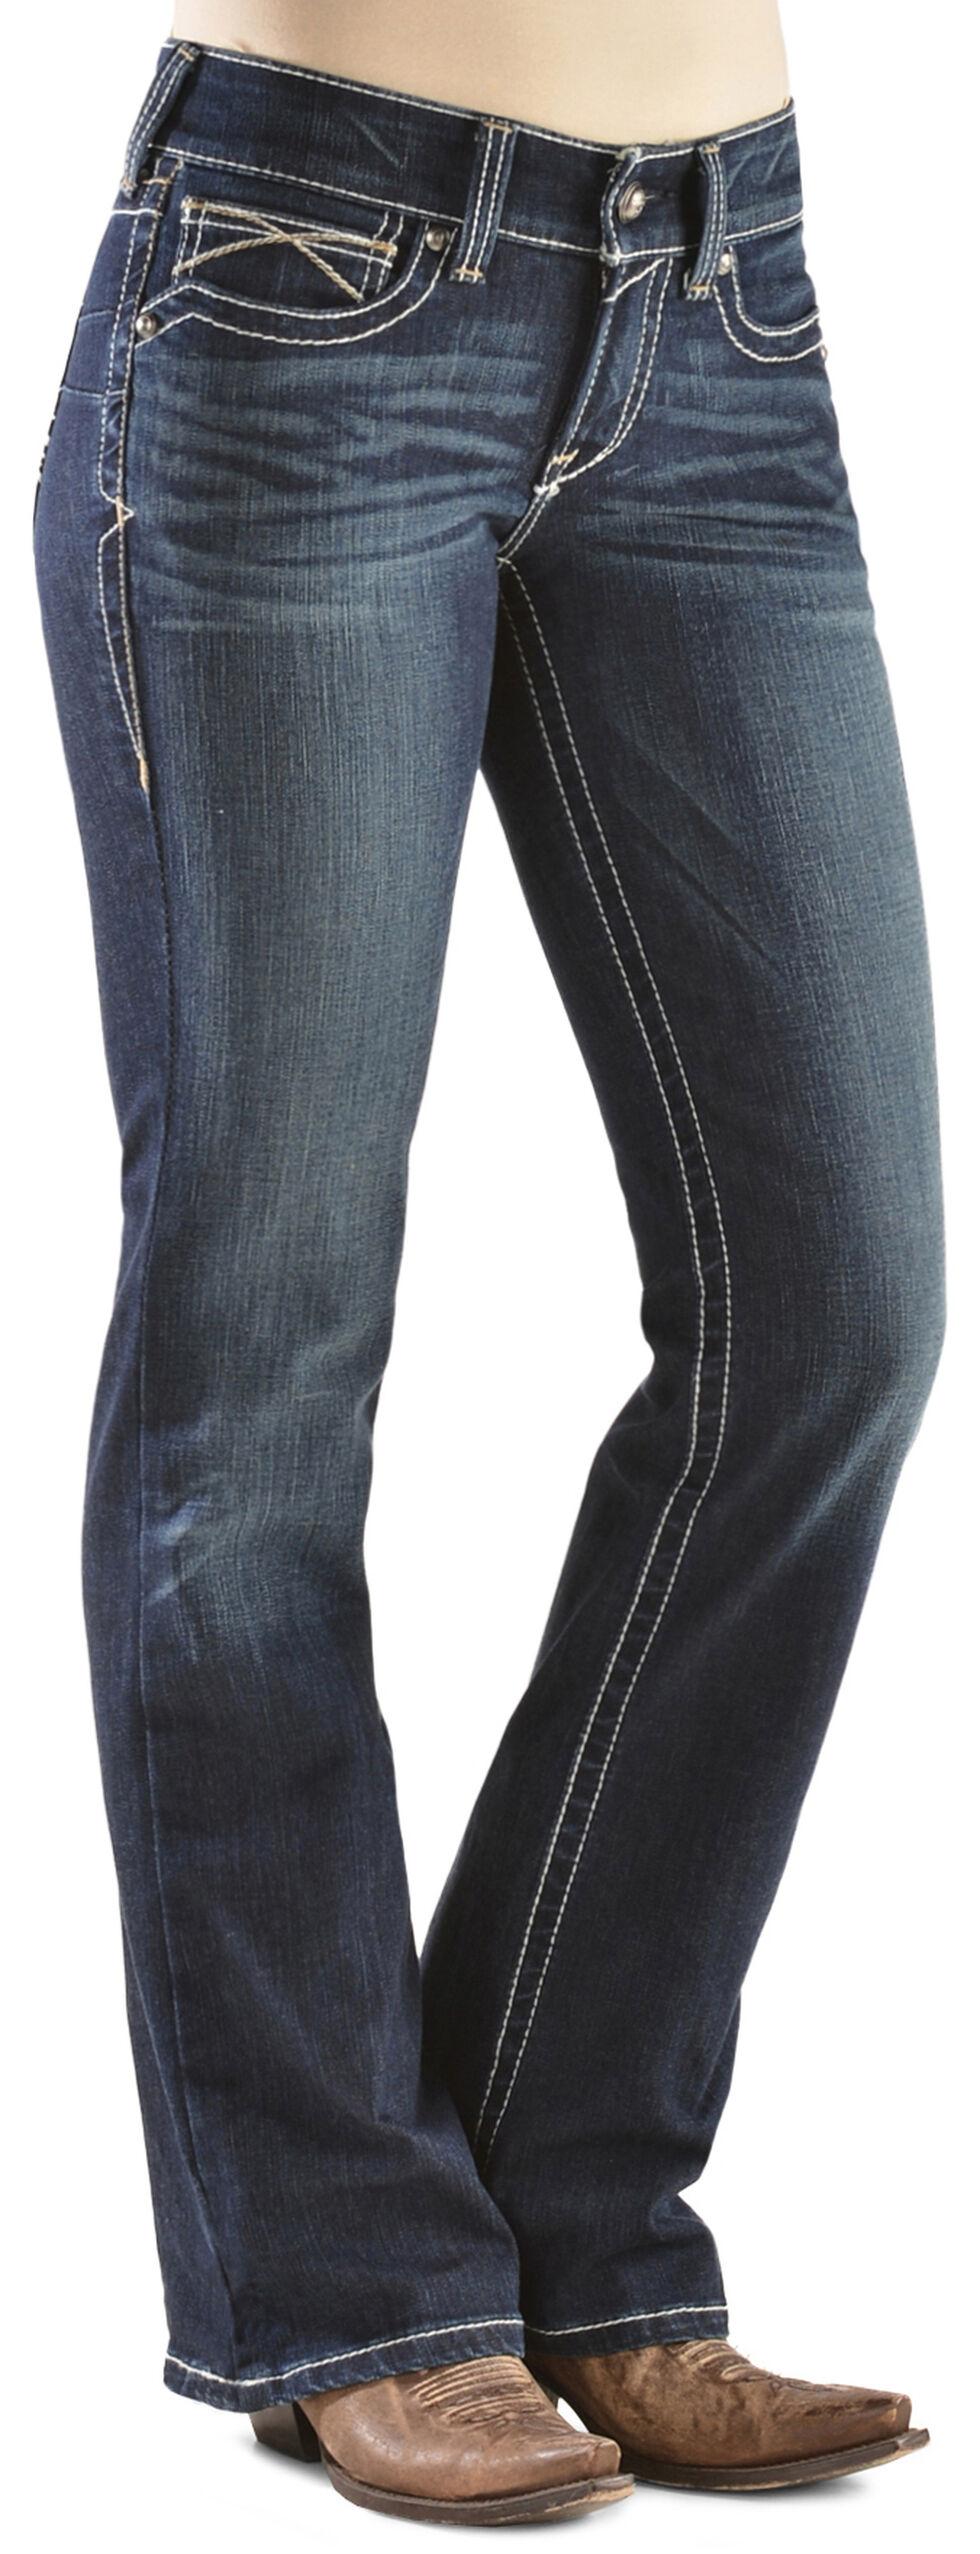 Ariat Women's R.E.A.L. Whipstitch Boot Cut Jeans, Denim, hi-res